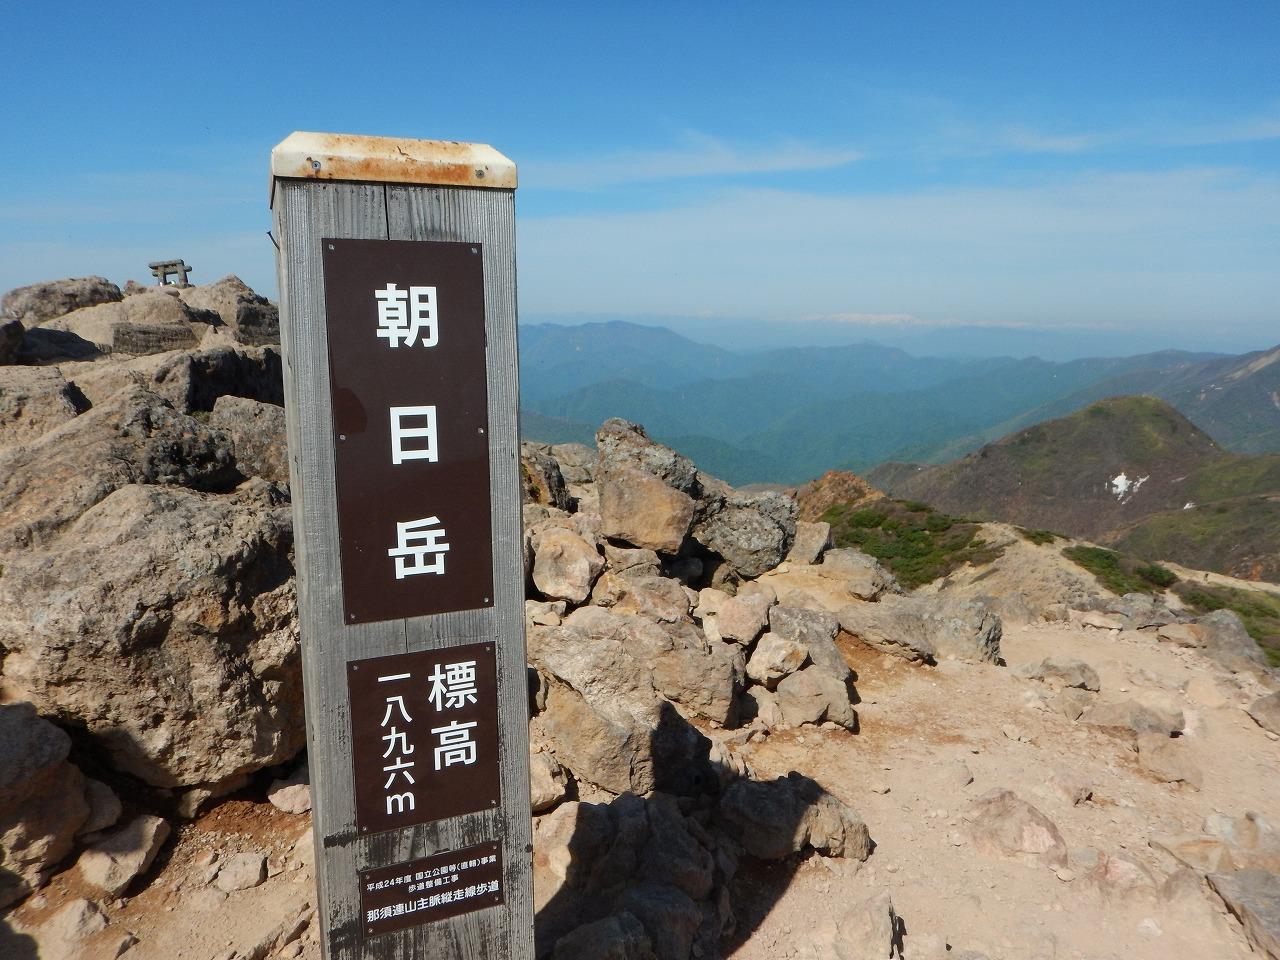 朝日岳標柱